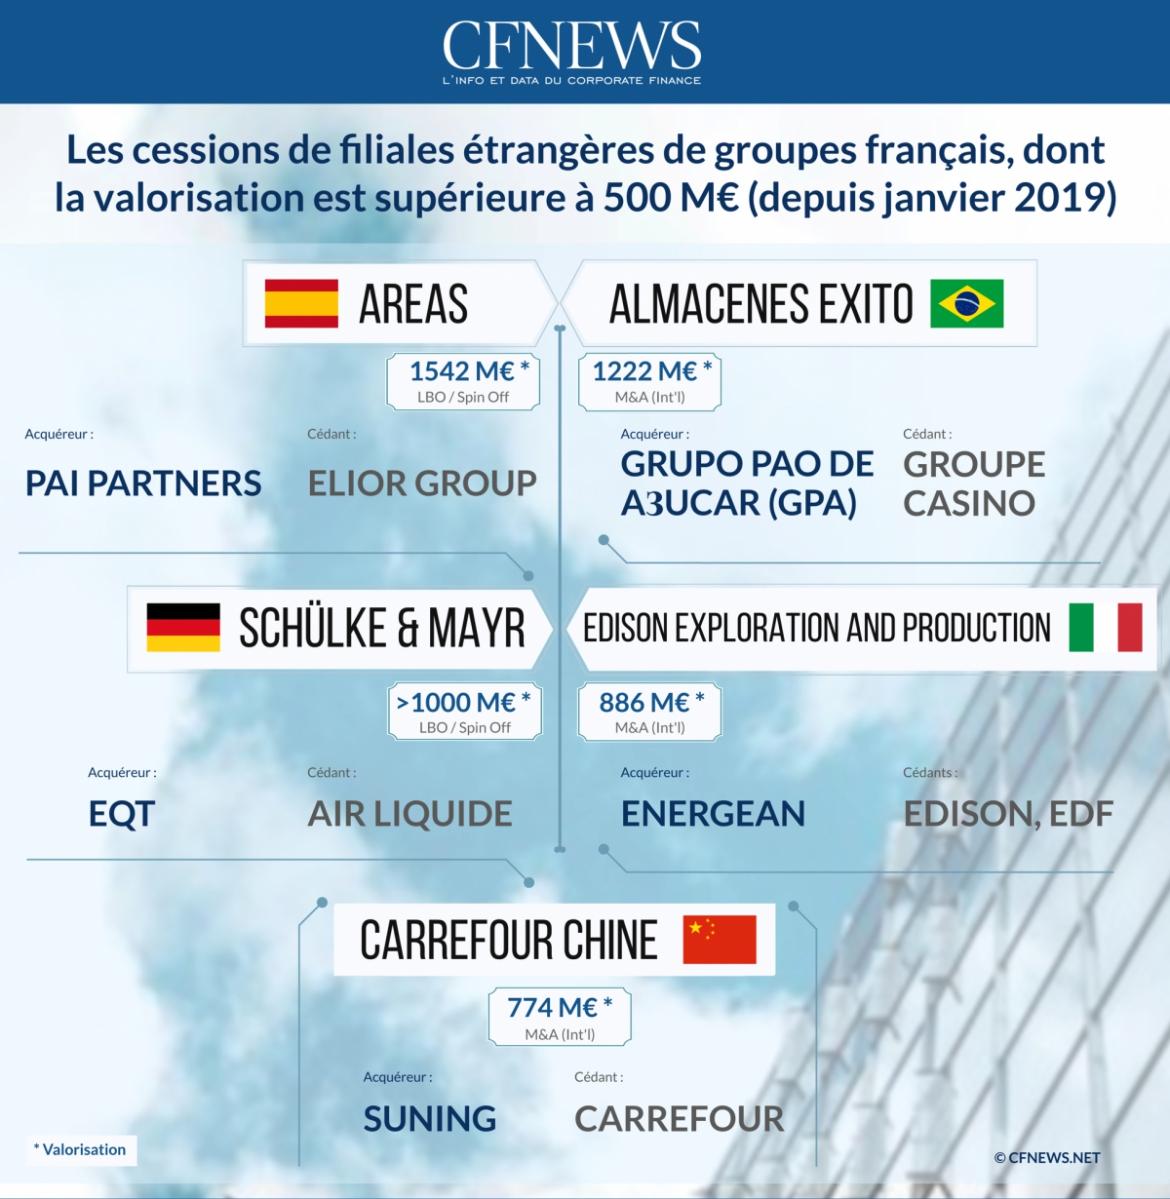 Les Cessions de filiales étrangères de groupes français dont la valorisation est supérieure à 500M€ (depuis janvier 2019) - © CFNEWS.net